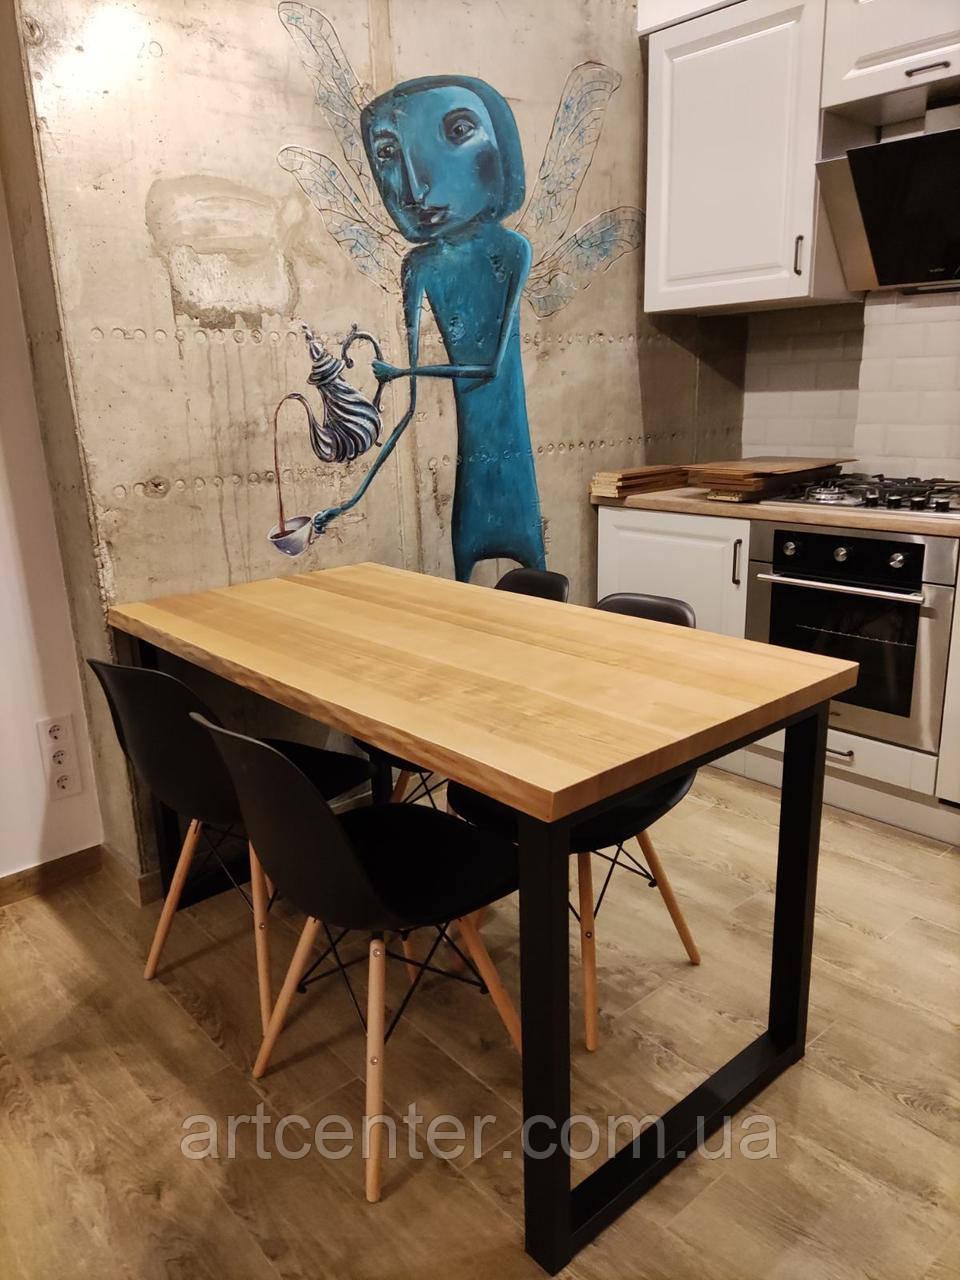 Стіл прямокутний LOFT, стіл обідній, стіл для кафе, ресторану